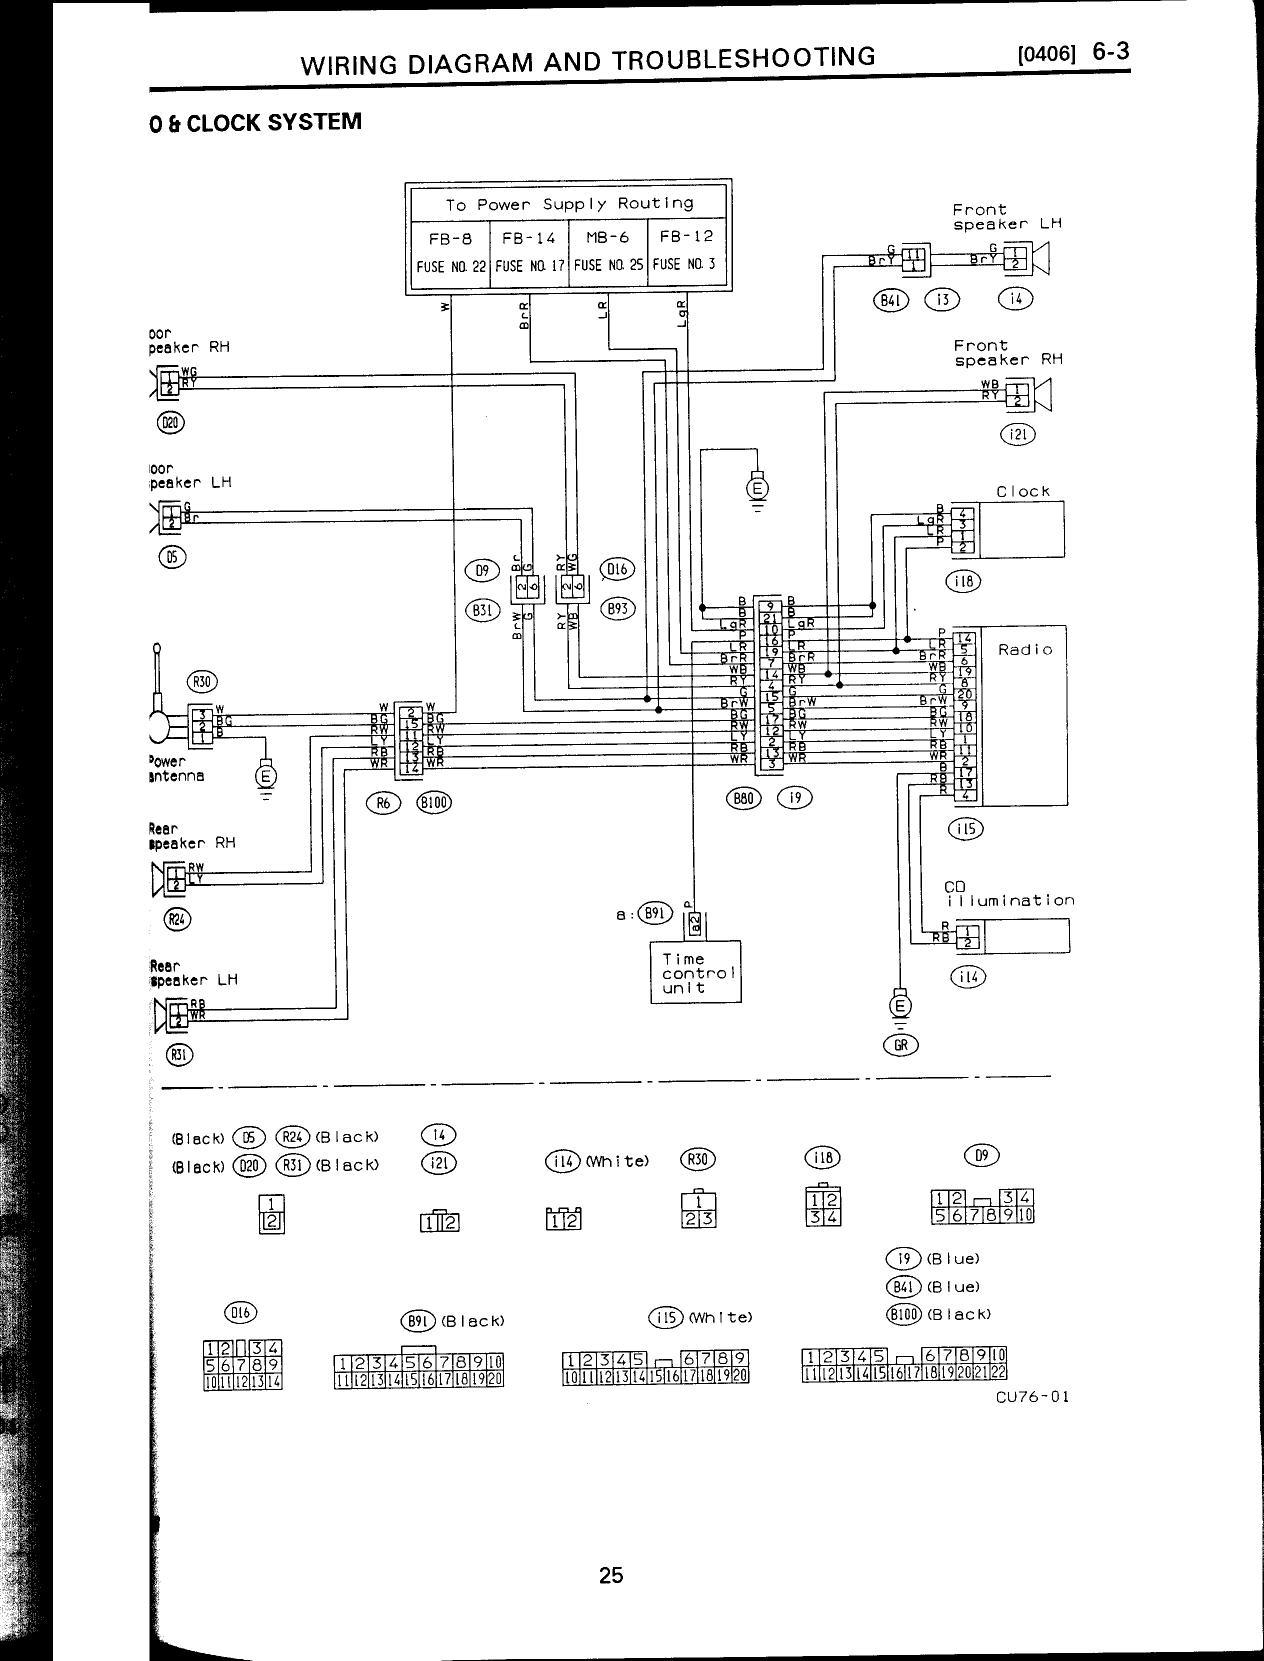 1992 Mustang Radio Wiring Diagram